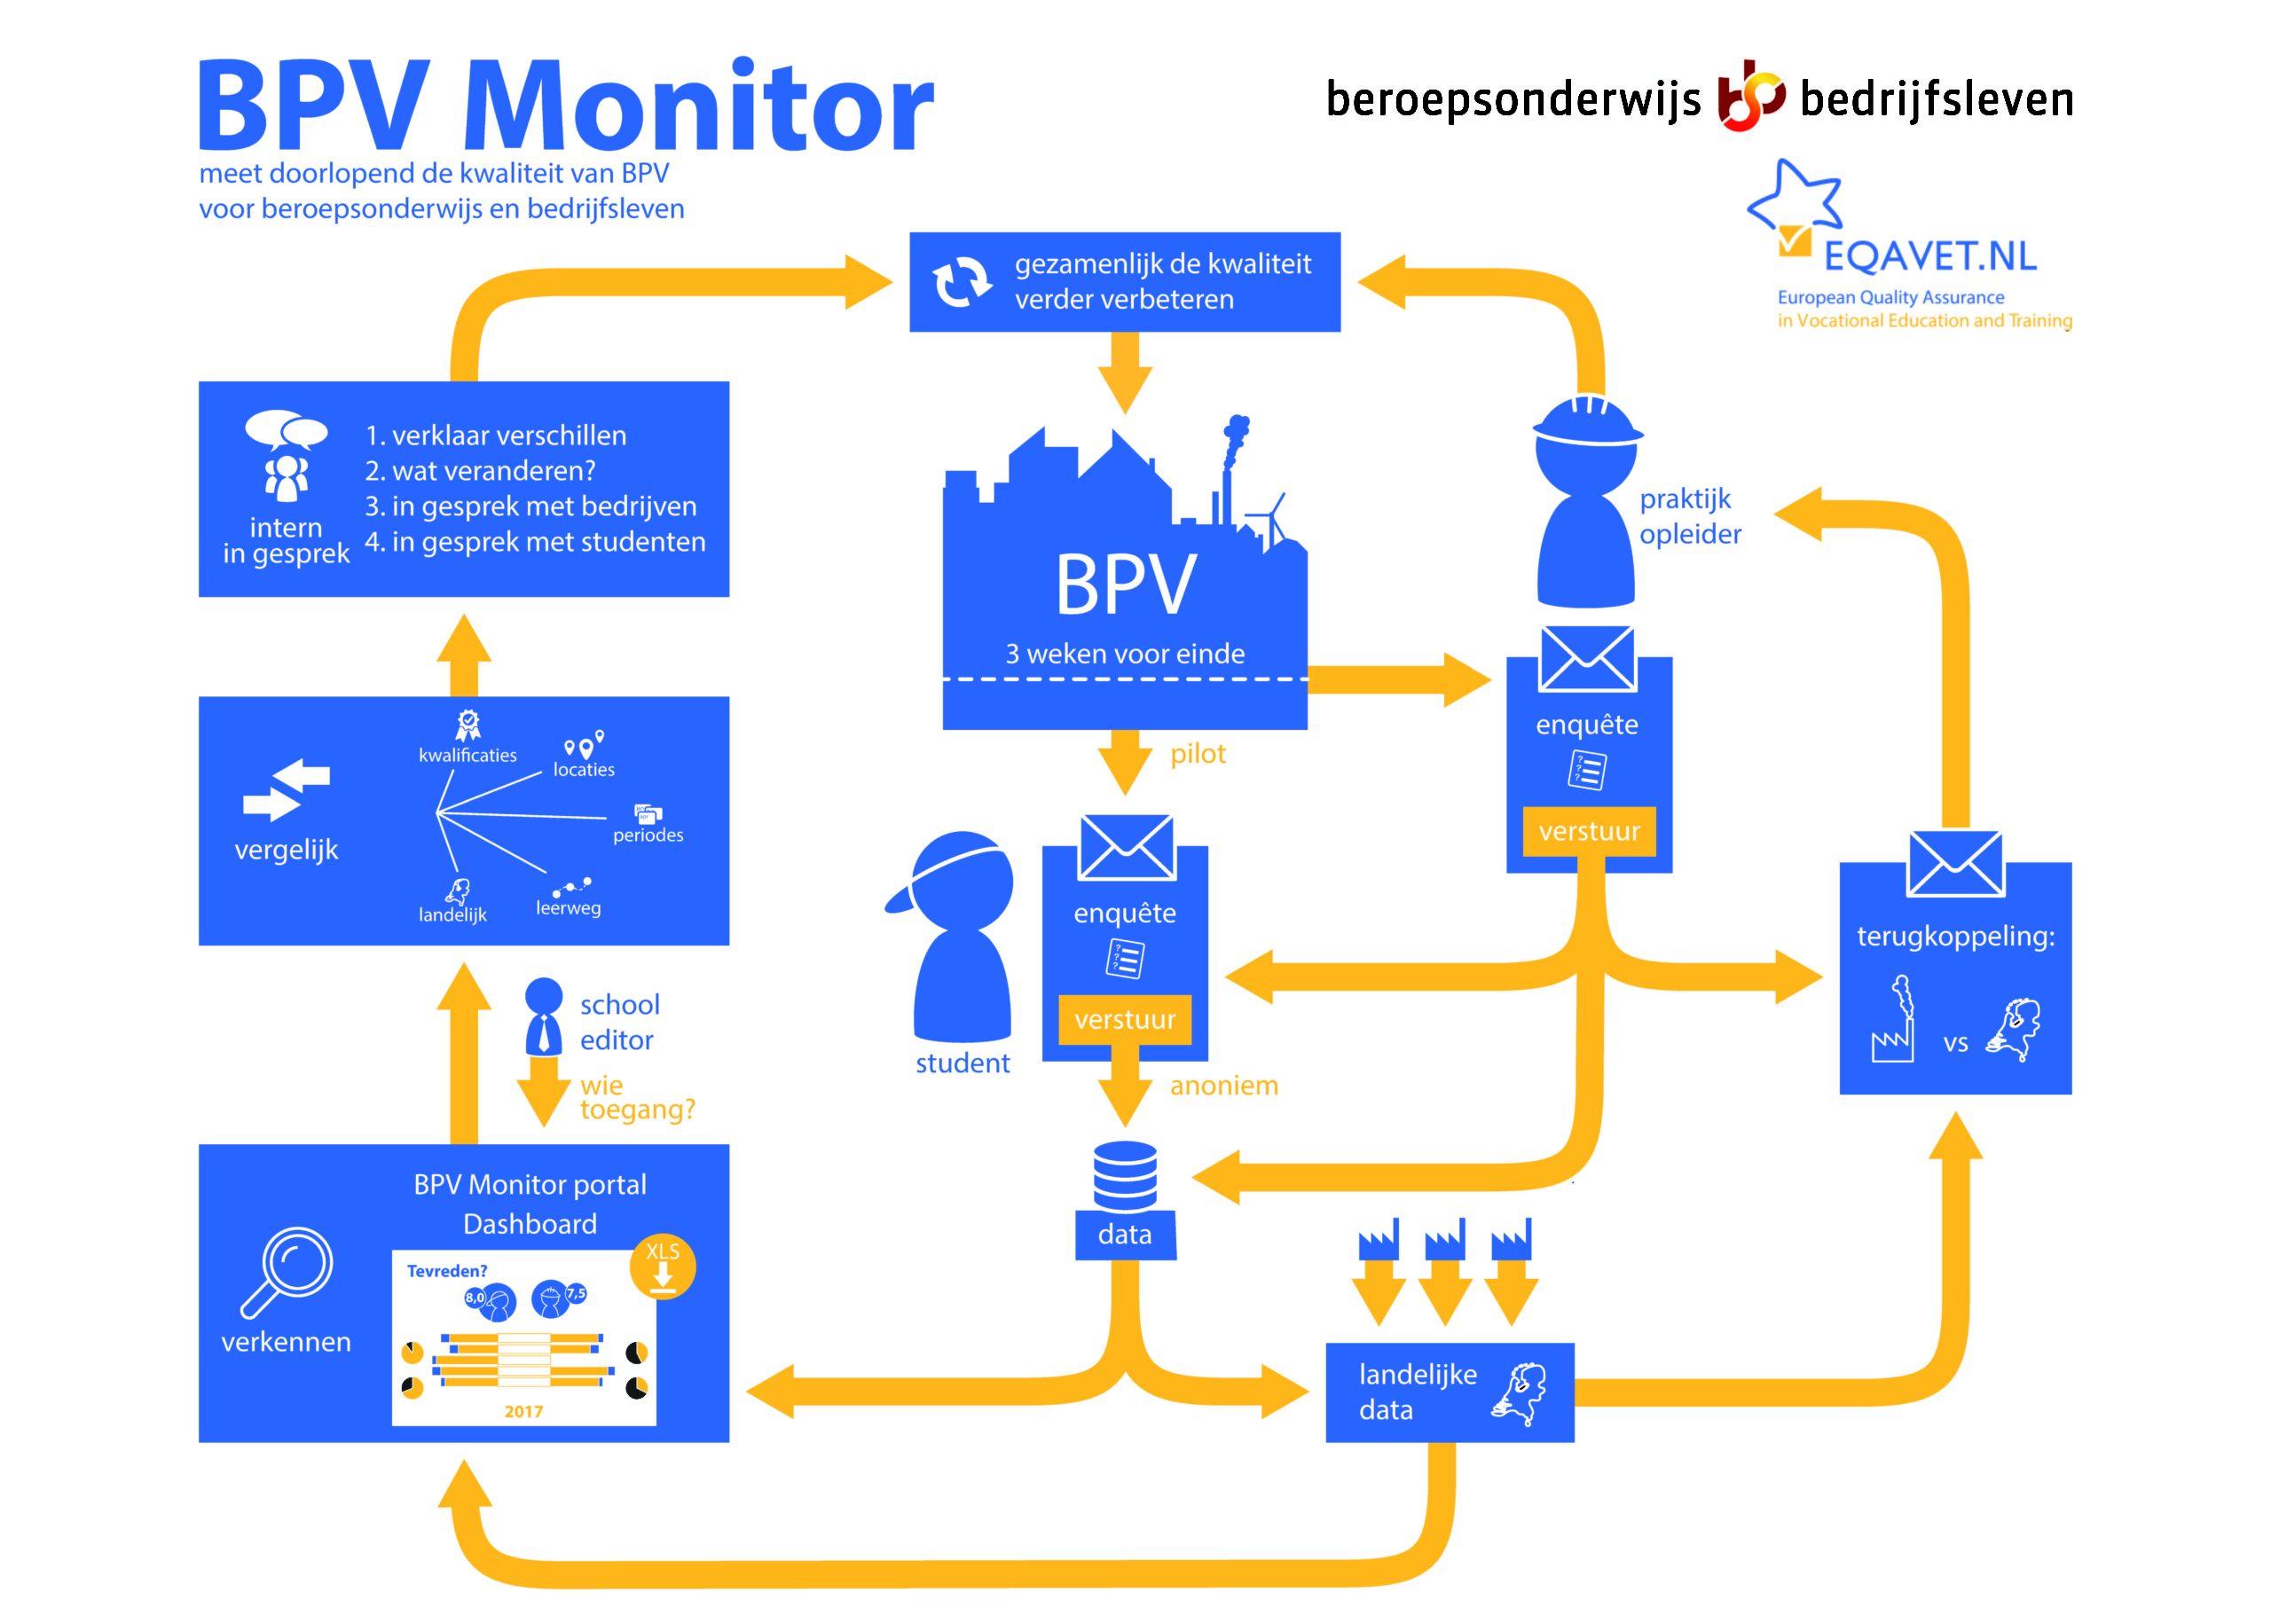 De BPV monitor als onderdeel van de kwaliteitscyclus